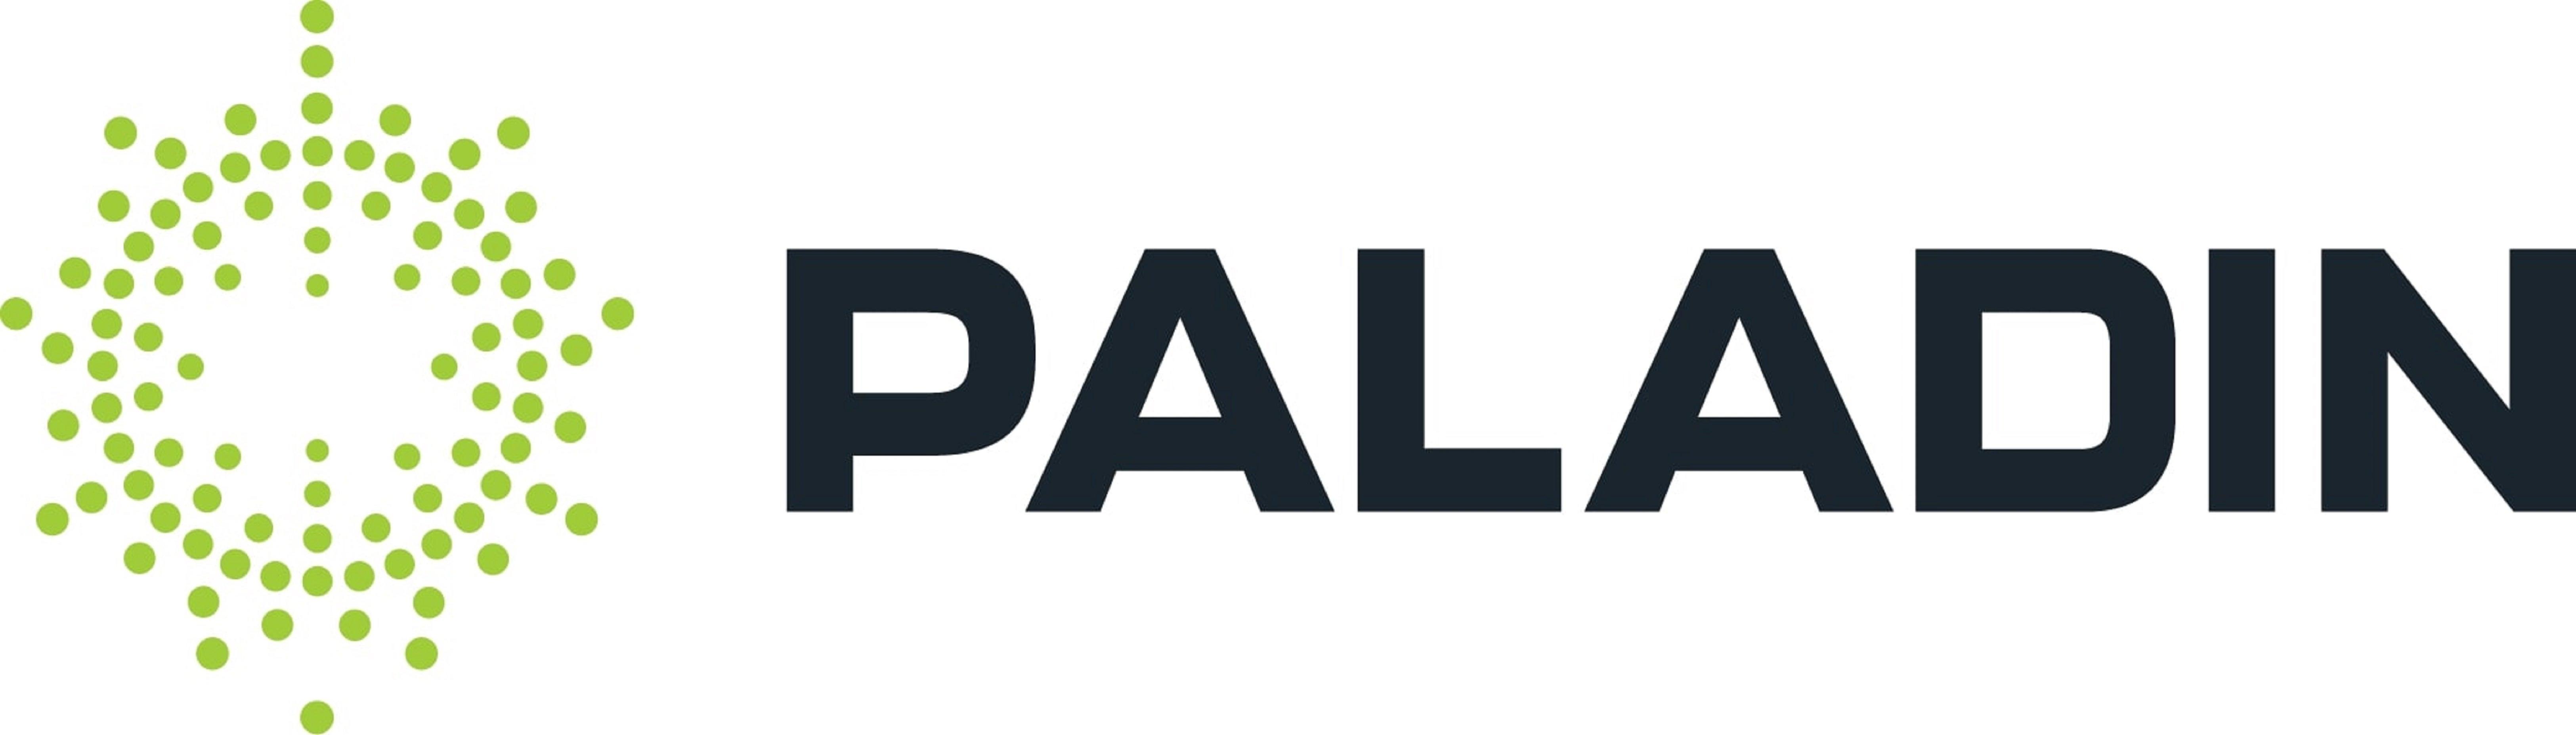 PALAF logo